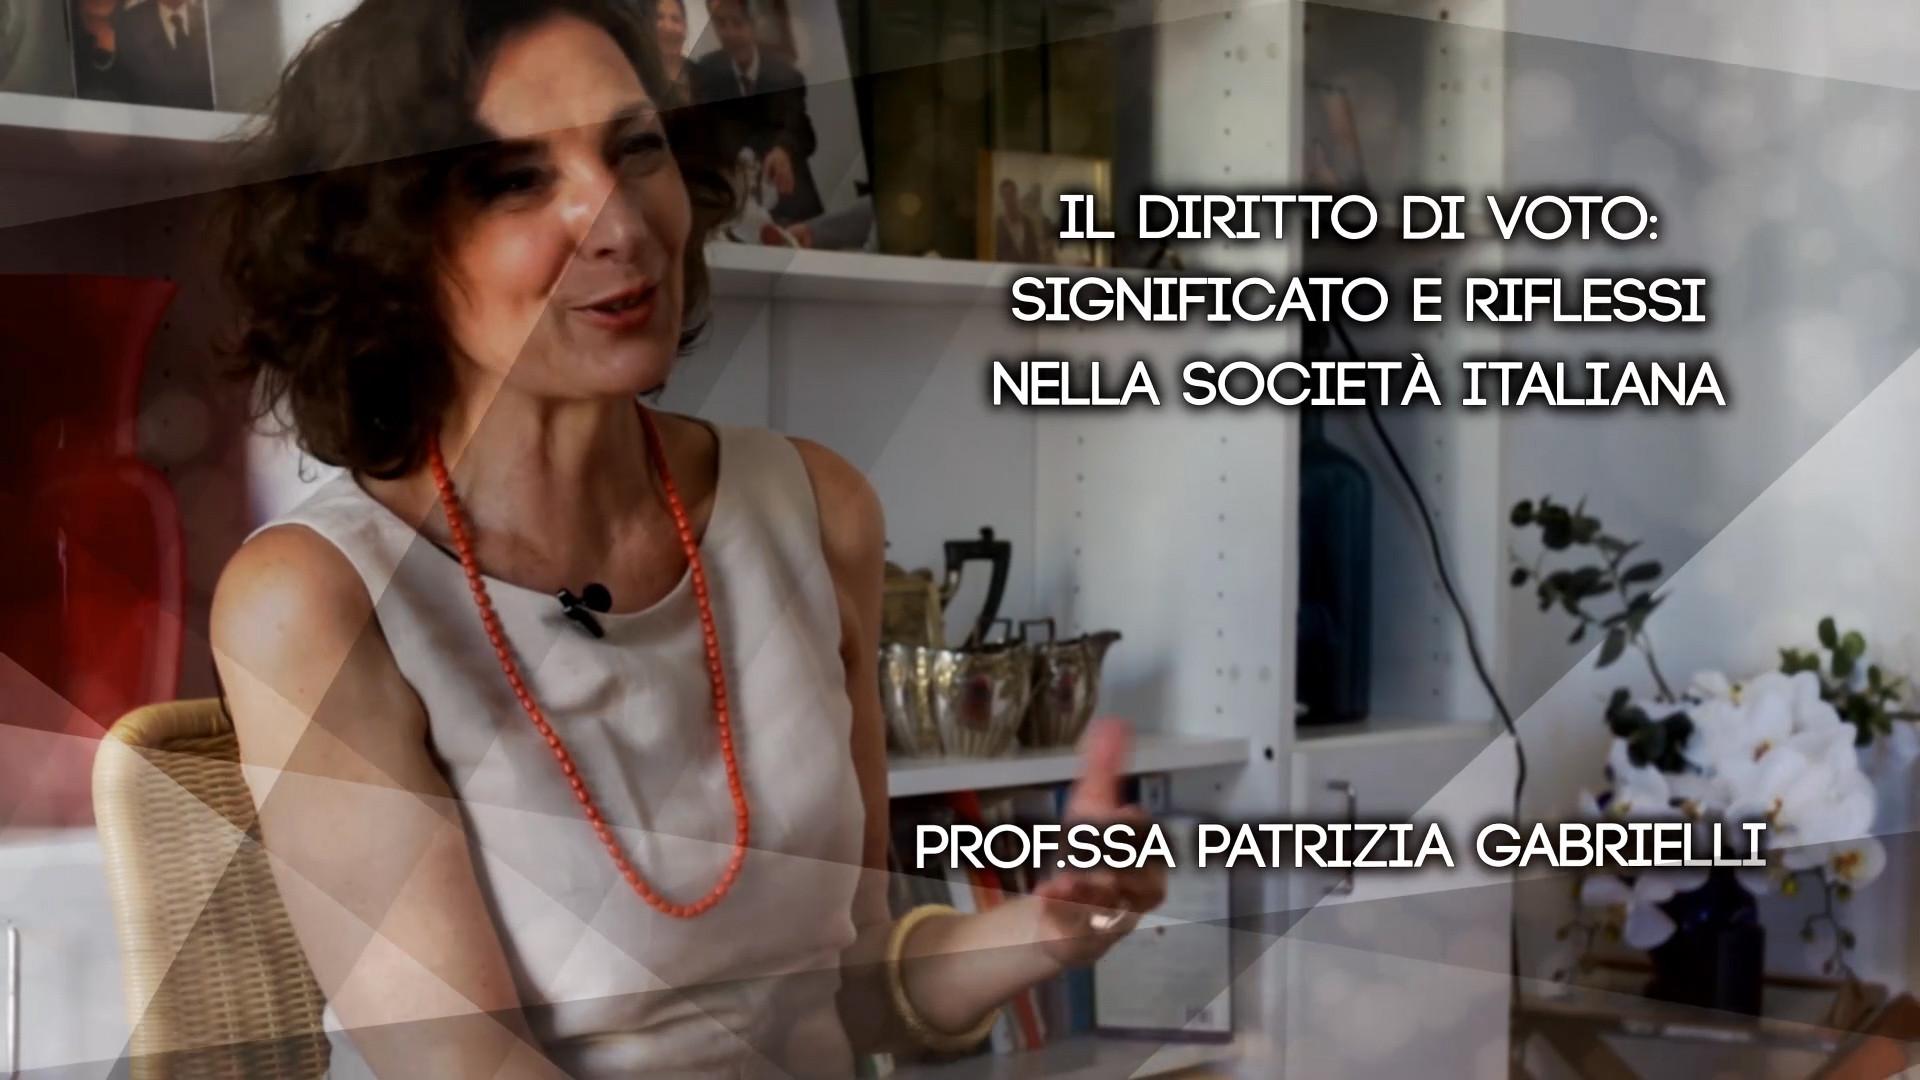 Ep3 Il diritto di voto: significato e riflessi nella società italiana - Patrizia Gabrielli